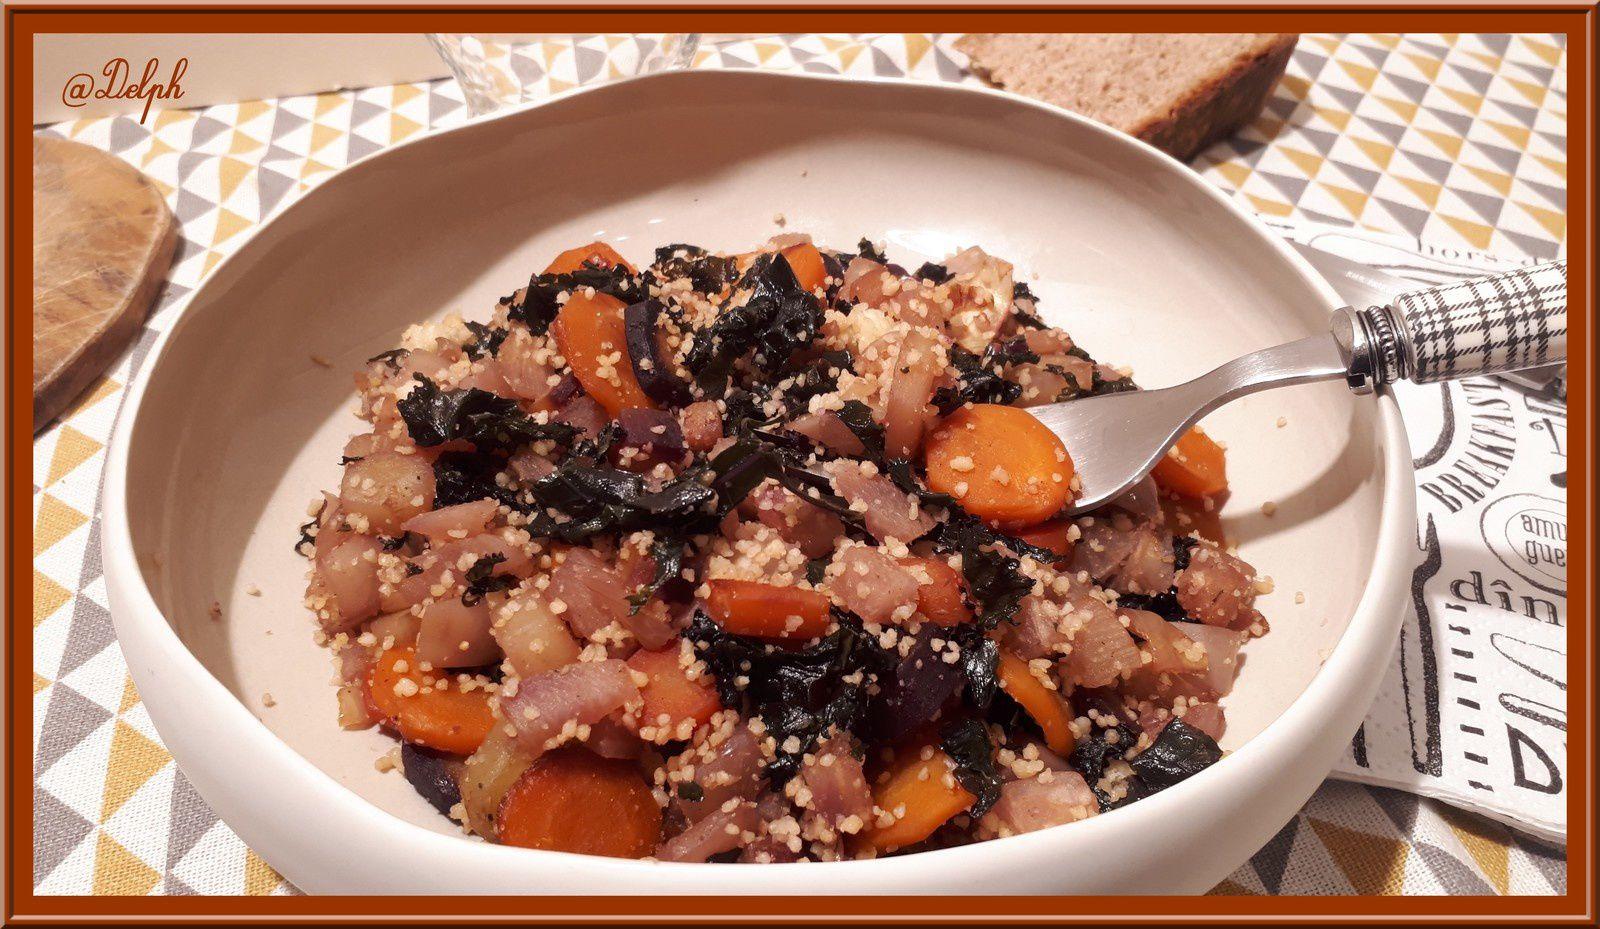 Poêlée de navet, carottes multicolores et chou Kale